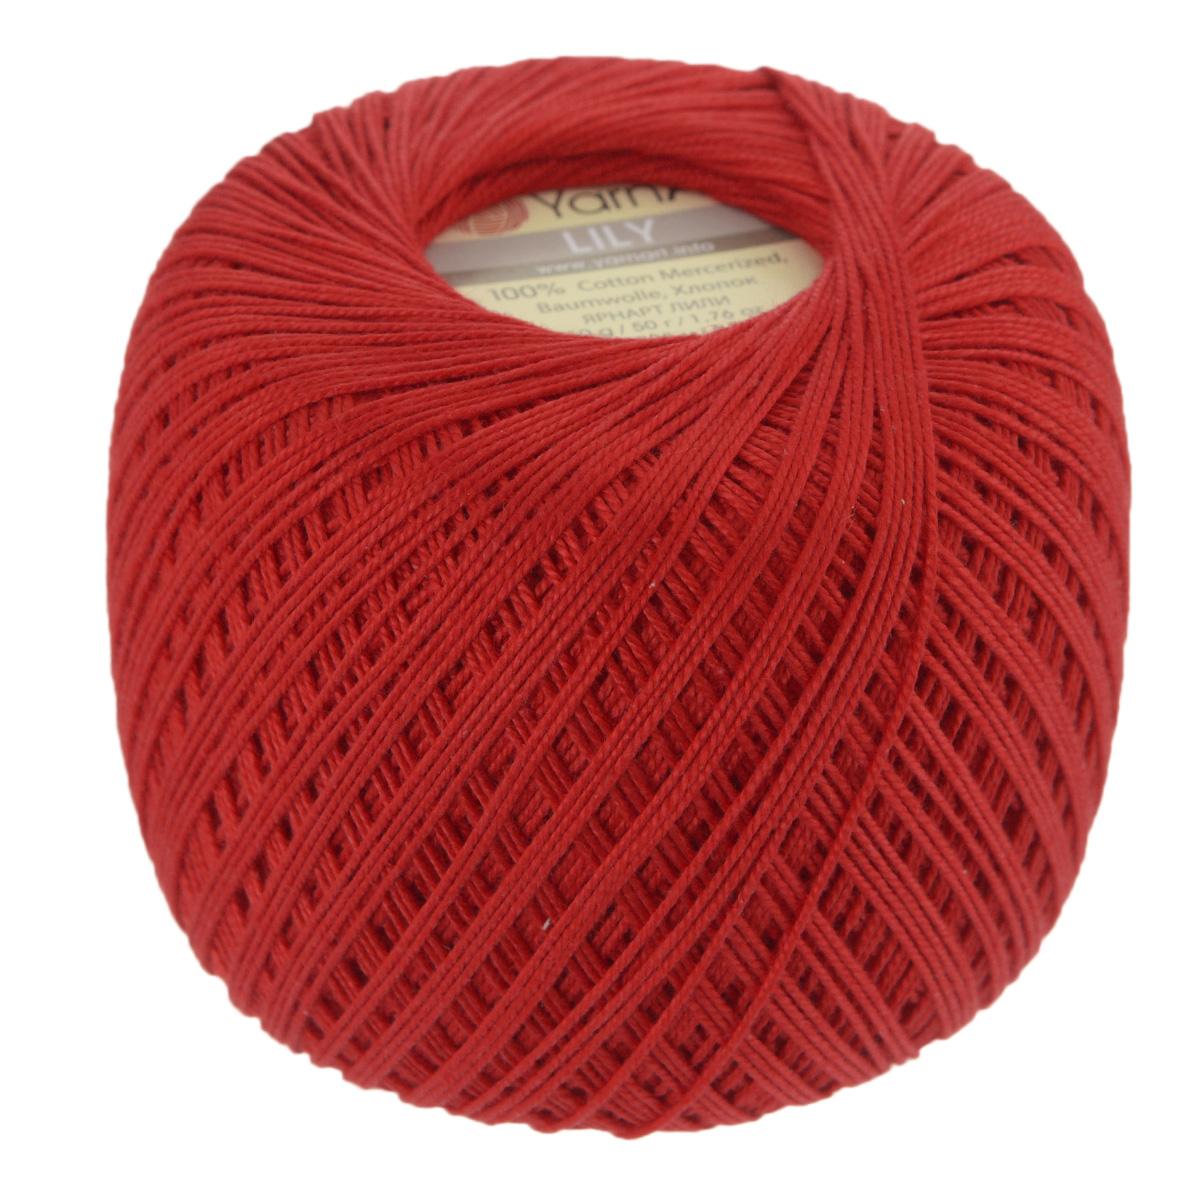 Пряжа для вязания YarnArt Lily, цвет: красный (0076), 225 м, 50 г, 8 шт372073_0076Пряжа YarnArt Lily - тонкая, гладкая и упругая пряжа из 100% мерсеризованного хлопка для вязания крючком и спицами. Нить хорошо скручена и не расслаивается. Это классическая пряжа, которая пользуется большой популярностью. Отлично подходит для вязания ажурных изделий. Замечательный вариант для вязания в технике ирландского кружева. Рекомендуется для вязания крючком 1,75-2 мм и на спицах 2,5 мм. Комплектация: 8 мотков. Толщина нити: 1 мм. Состав: 100% мерсеризованный хлопок.